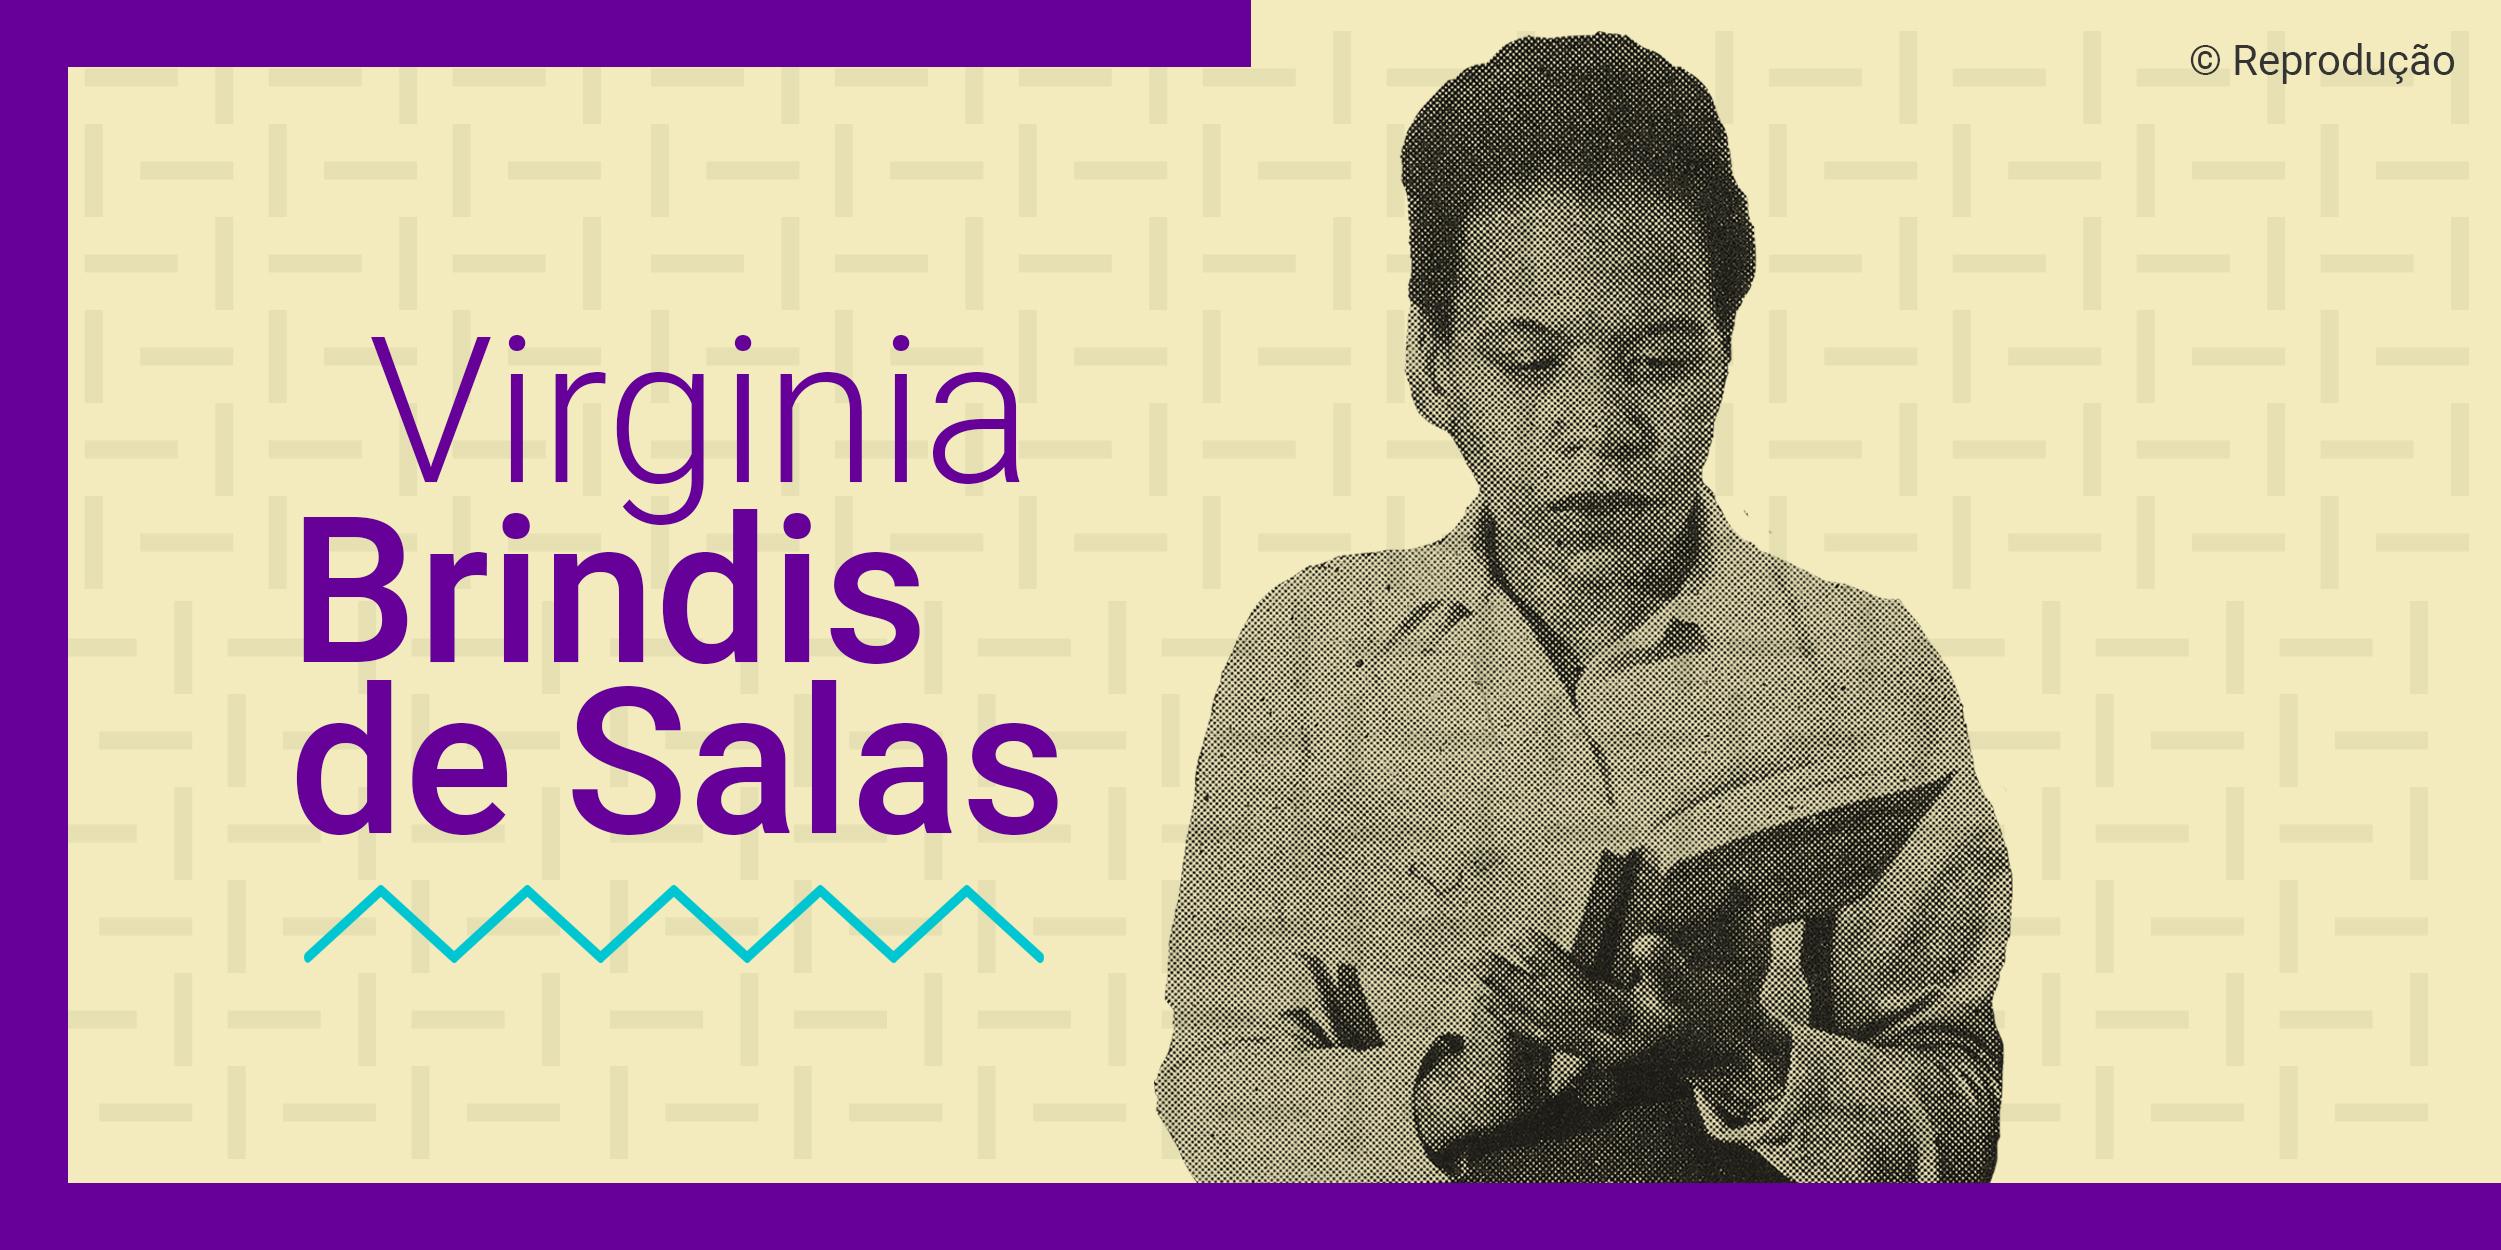 Card com uma foto de Virginia Brinds de Sala com livros na mão e olhando para baixo